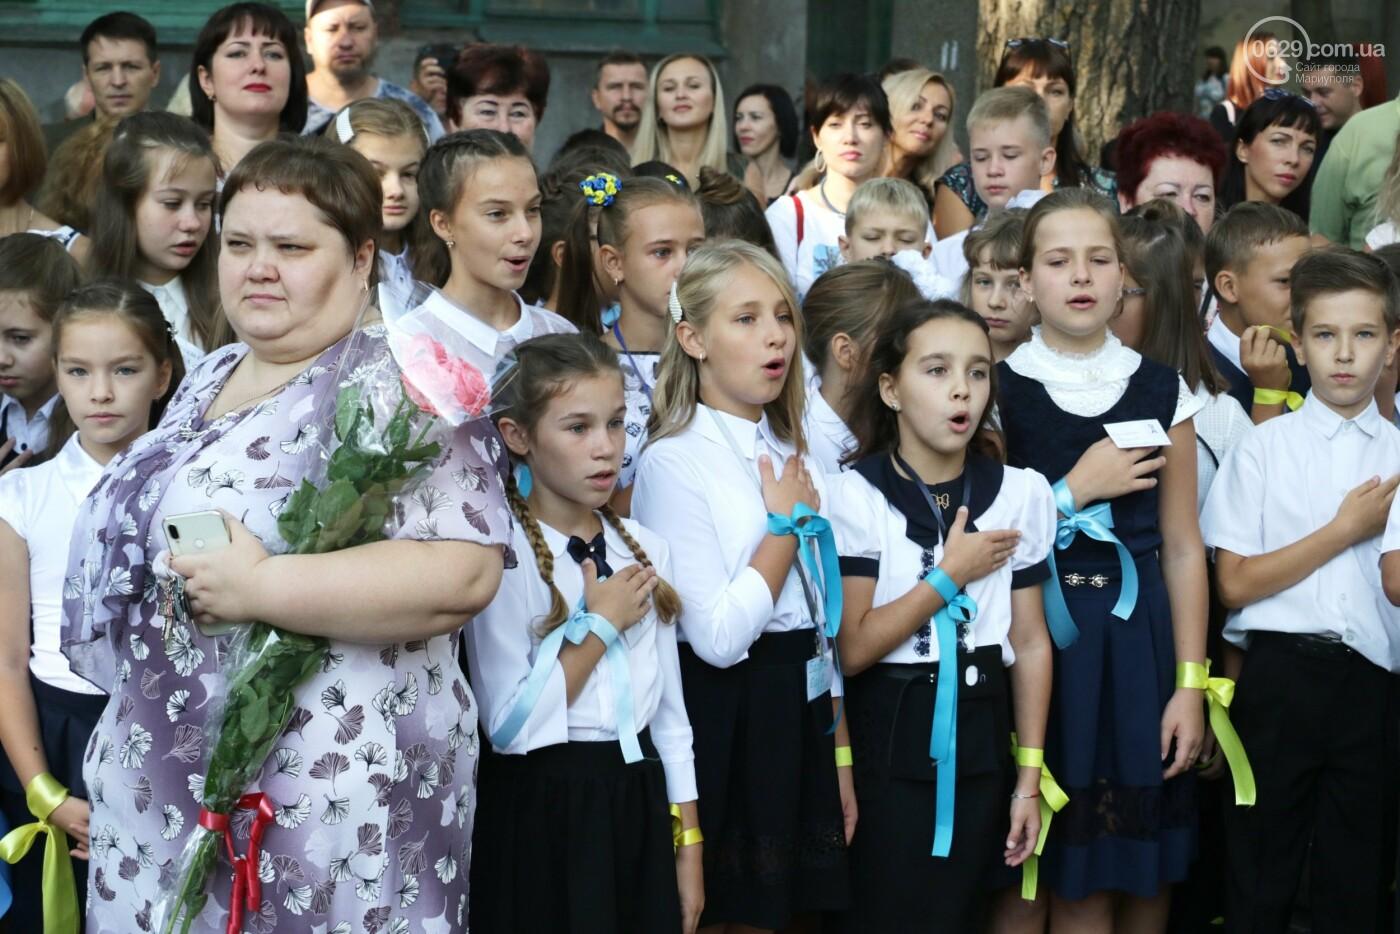 Первый звонок в Новой украинской школе: четыре тысячи первоклашек сели за парты в Мариуполе, - ФОТОРЕПОРТАЖ, фото-22